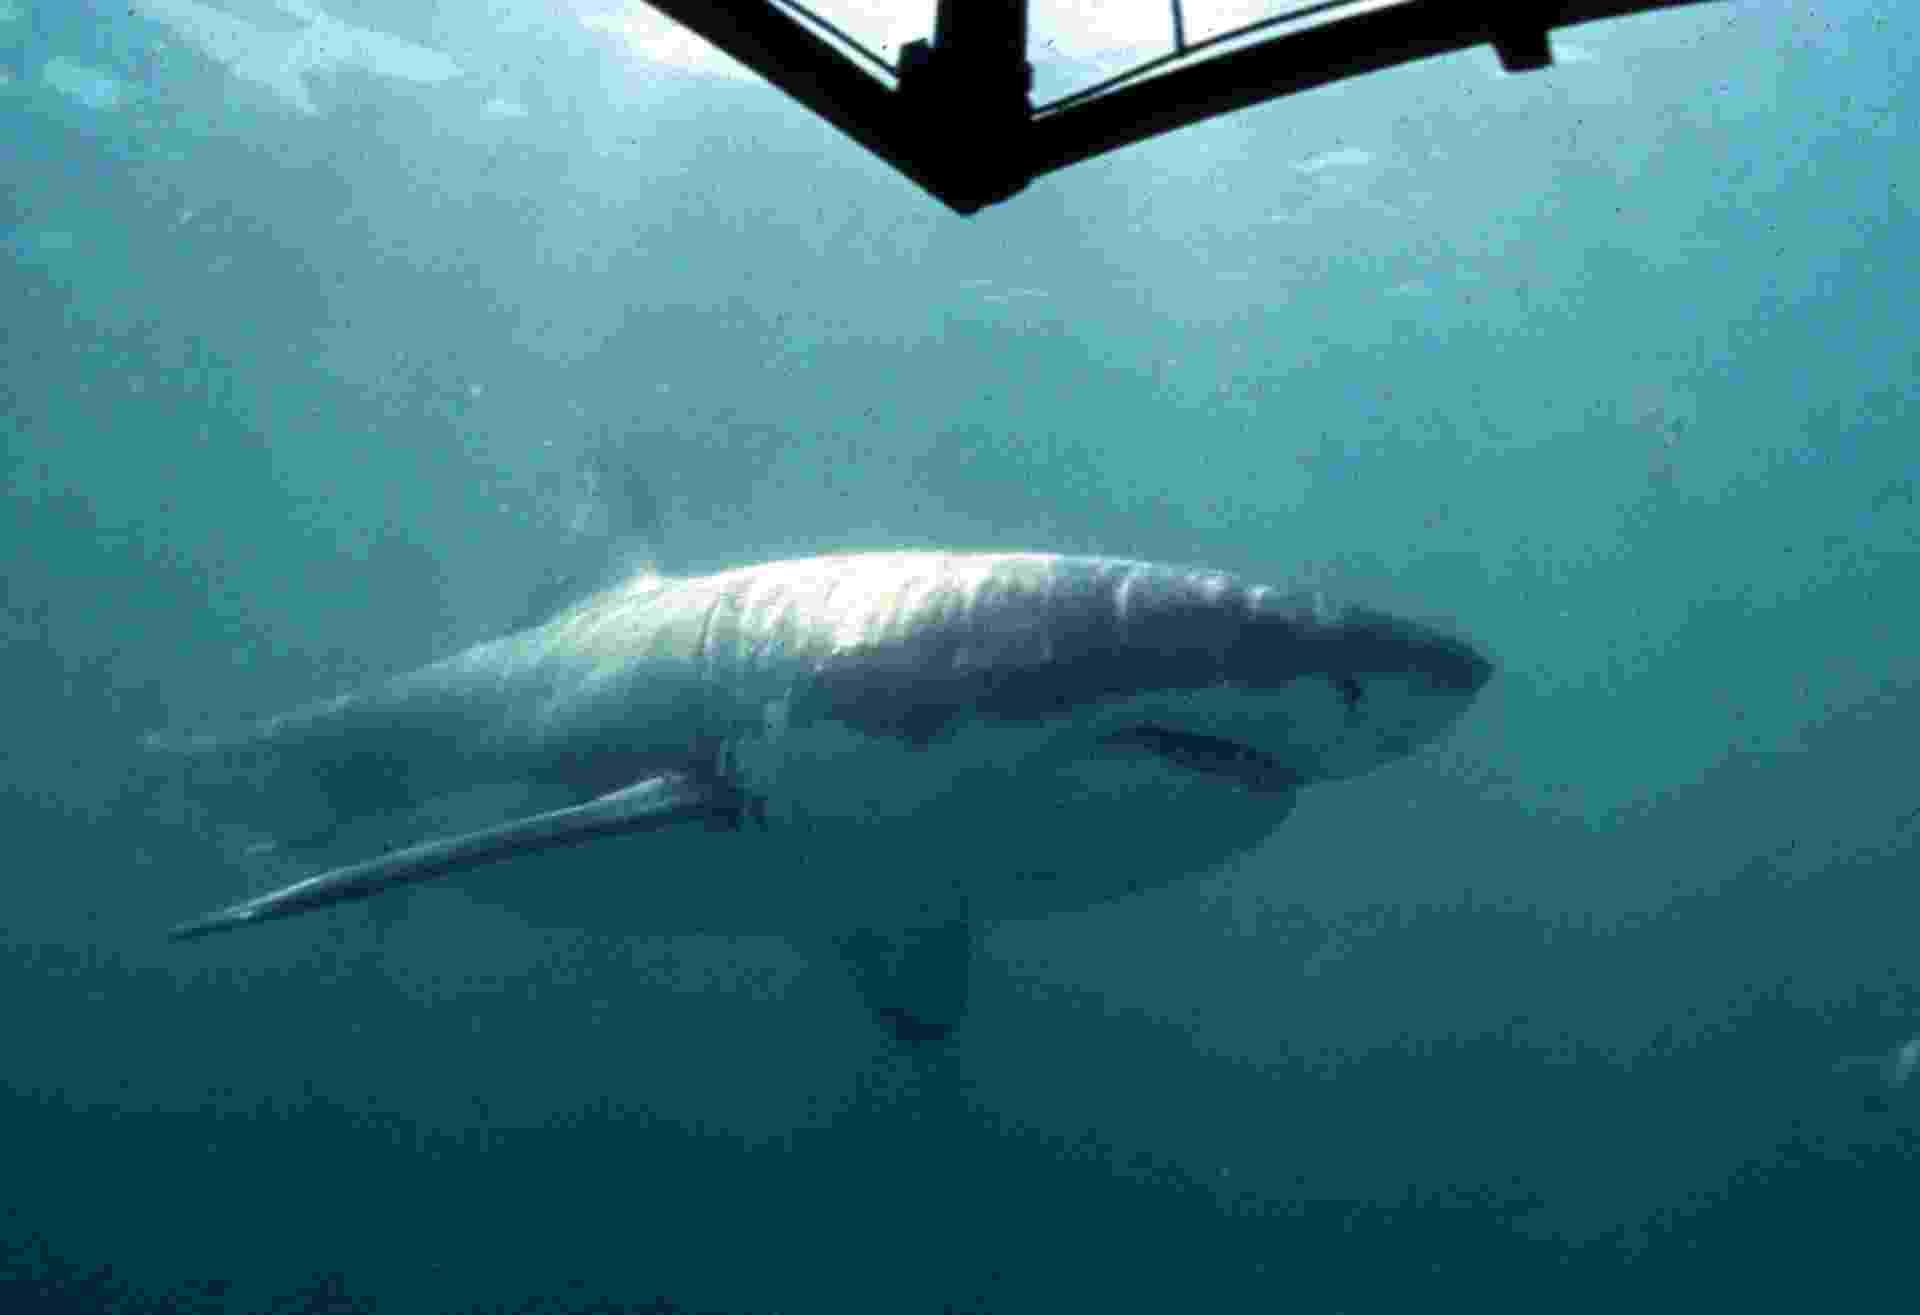 17.jul.2013 - O tubarão branco não tem uma bexiga natatória para controlar a flutuação necessária para longas viagens. Por isso, esse grande predador acumula gordura no fígado que ajuda a neutralizar o peso do seu corpo na água, como também como uma boa fonte de energia para nados migratórios. Segundo estudo da Universidade de Stanford, nos Estados Unidos, um fígado de tubarão branco de 456 quilos, contendo 400 litros de óleo, pode fornecer até 50 quilos de empuxo - White Shark Research Institute/Reuters